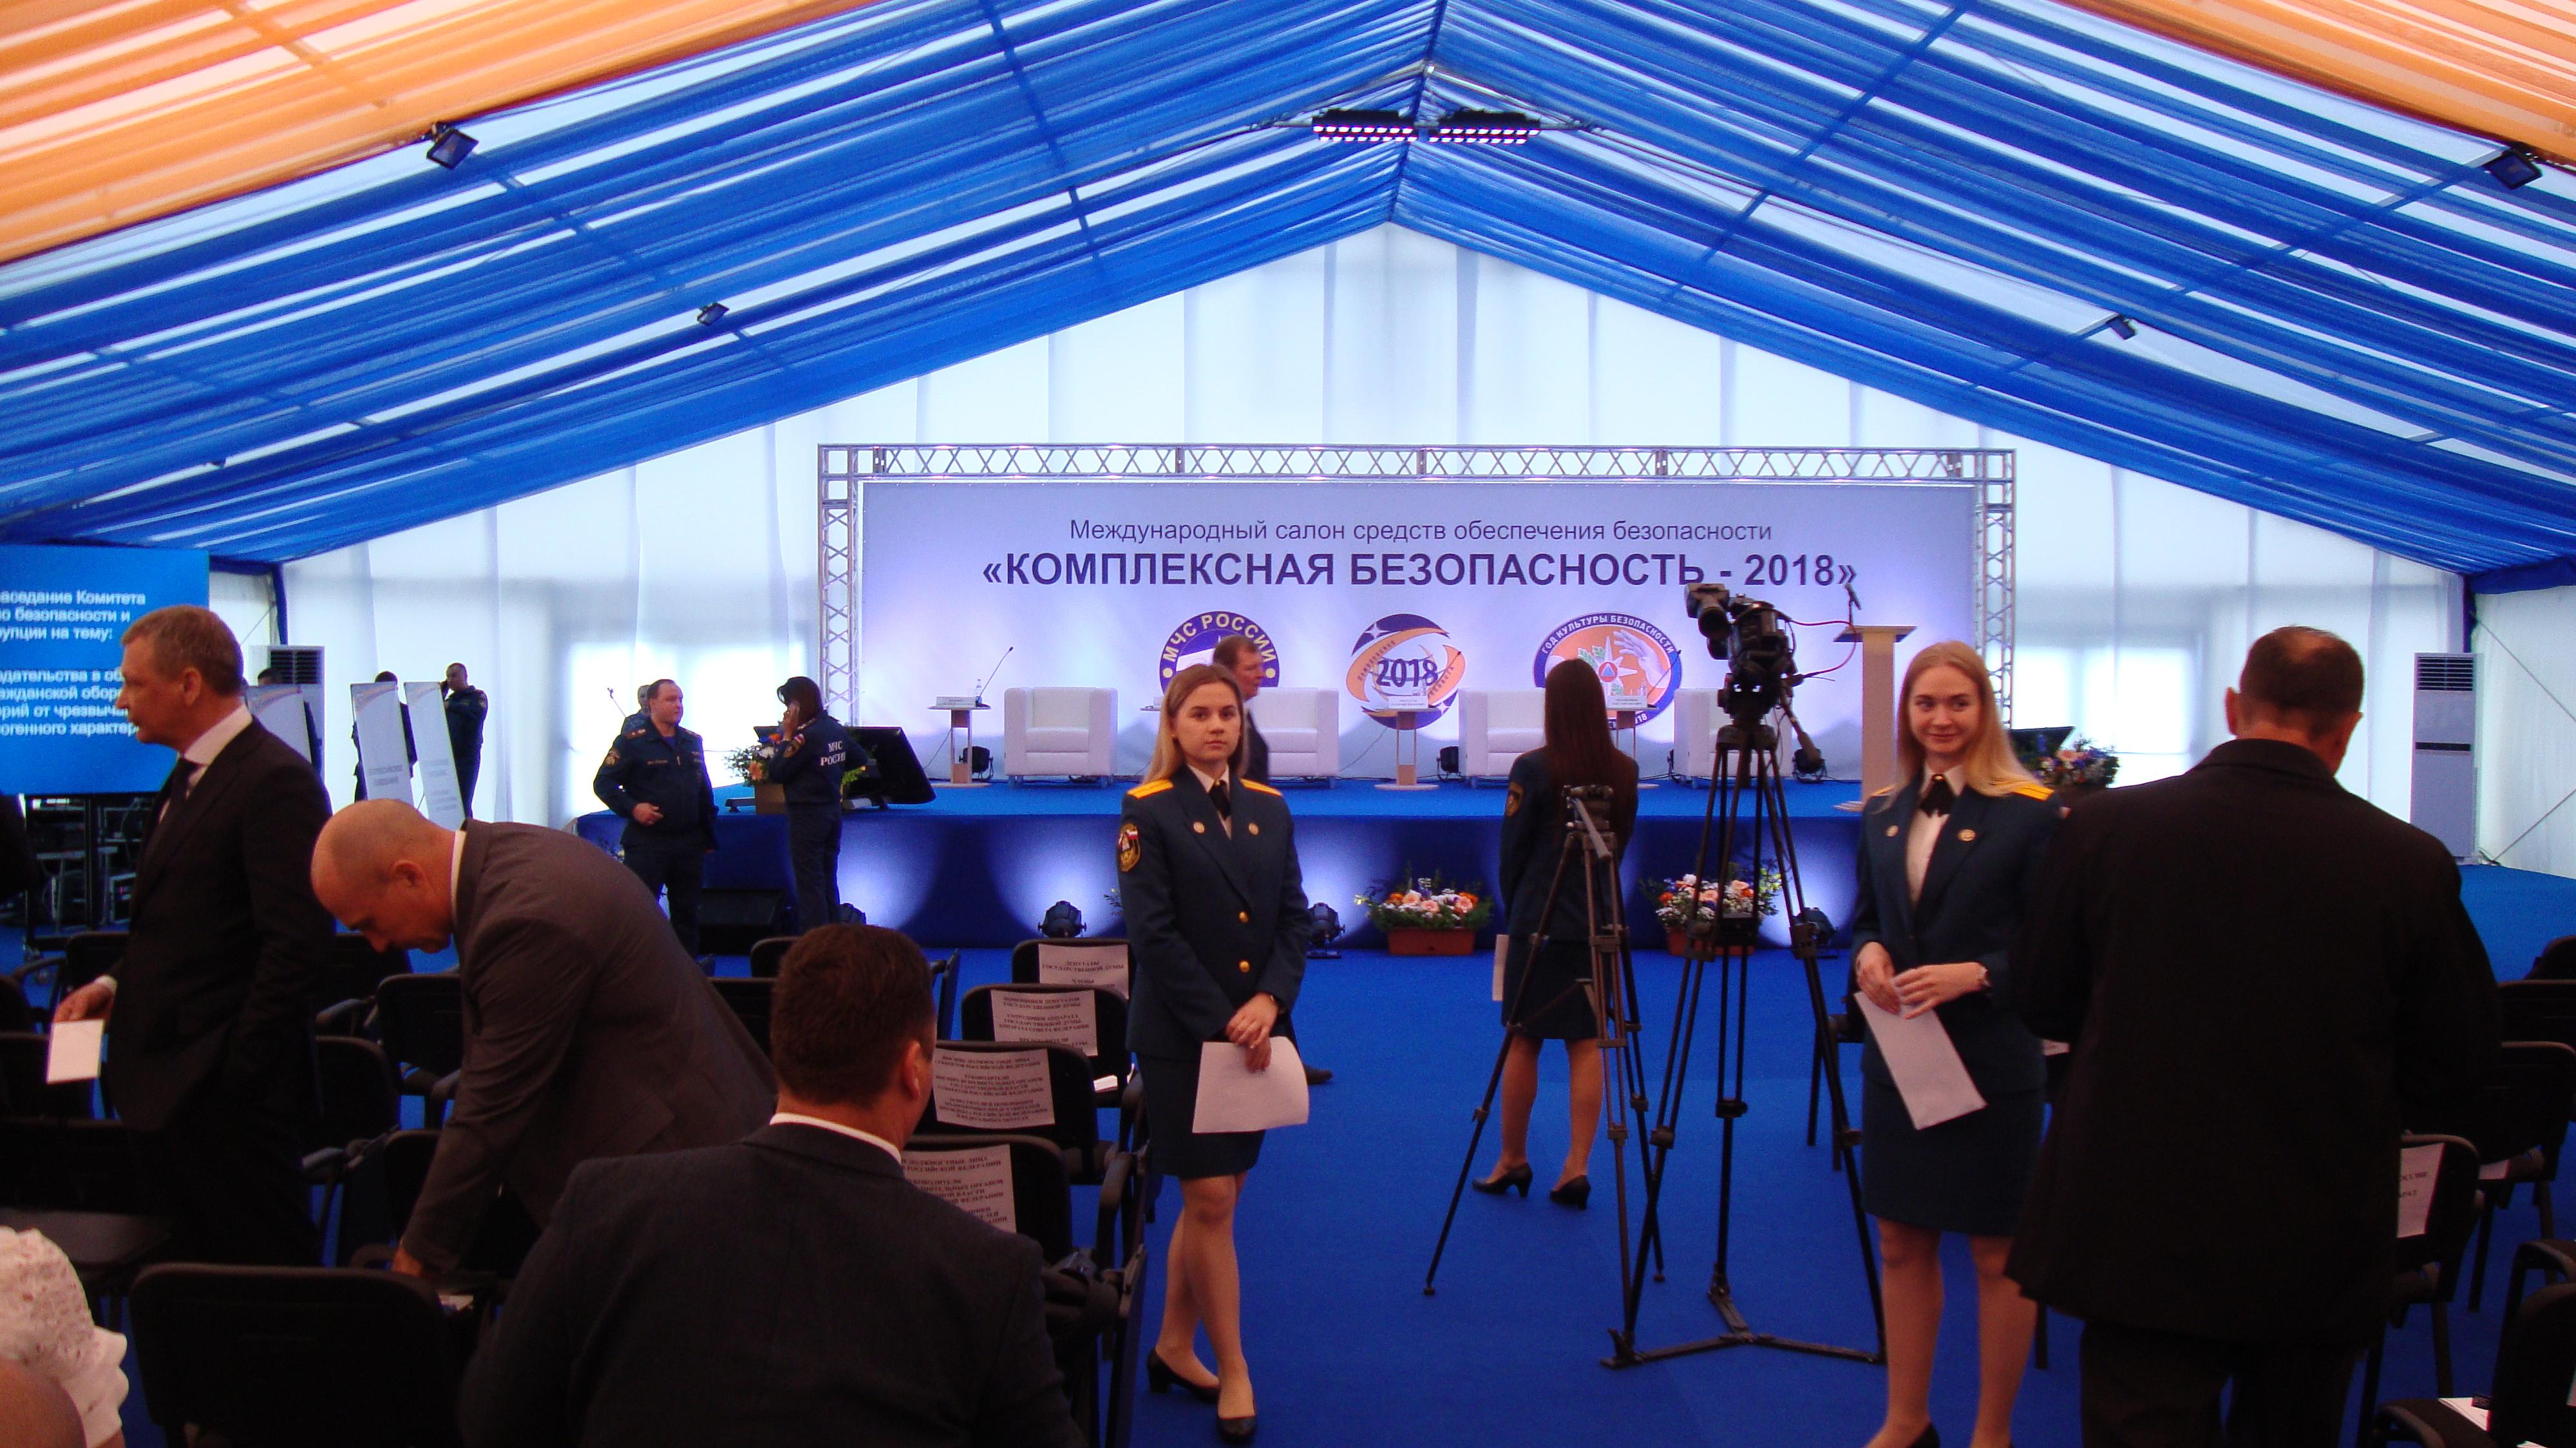 XII Международный салон средств обеспечения безопасности «Комплексная безопасность - 2019» @ Москва (5-7 июня), Ногинск (8 июня), Россия